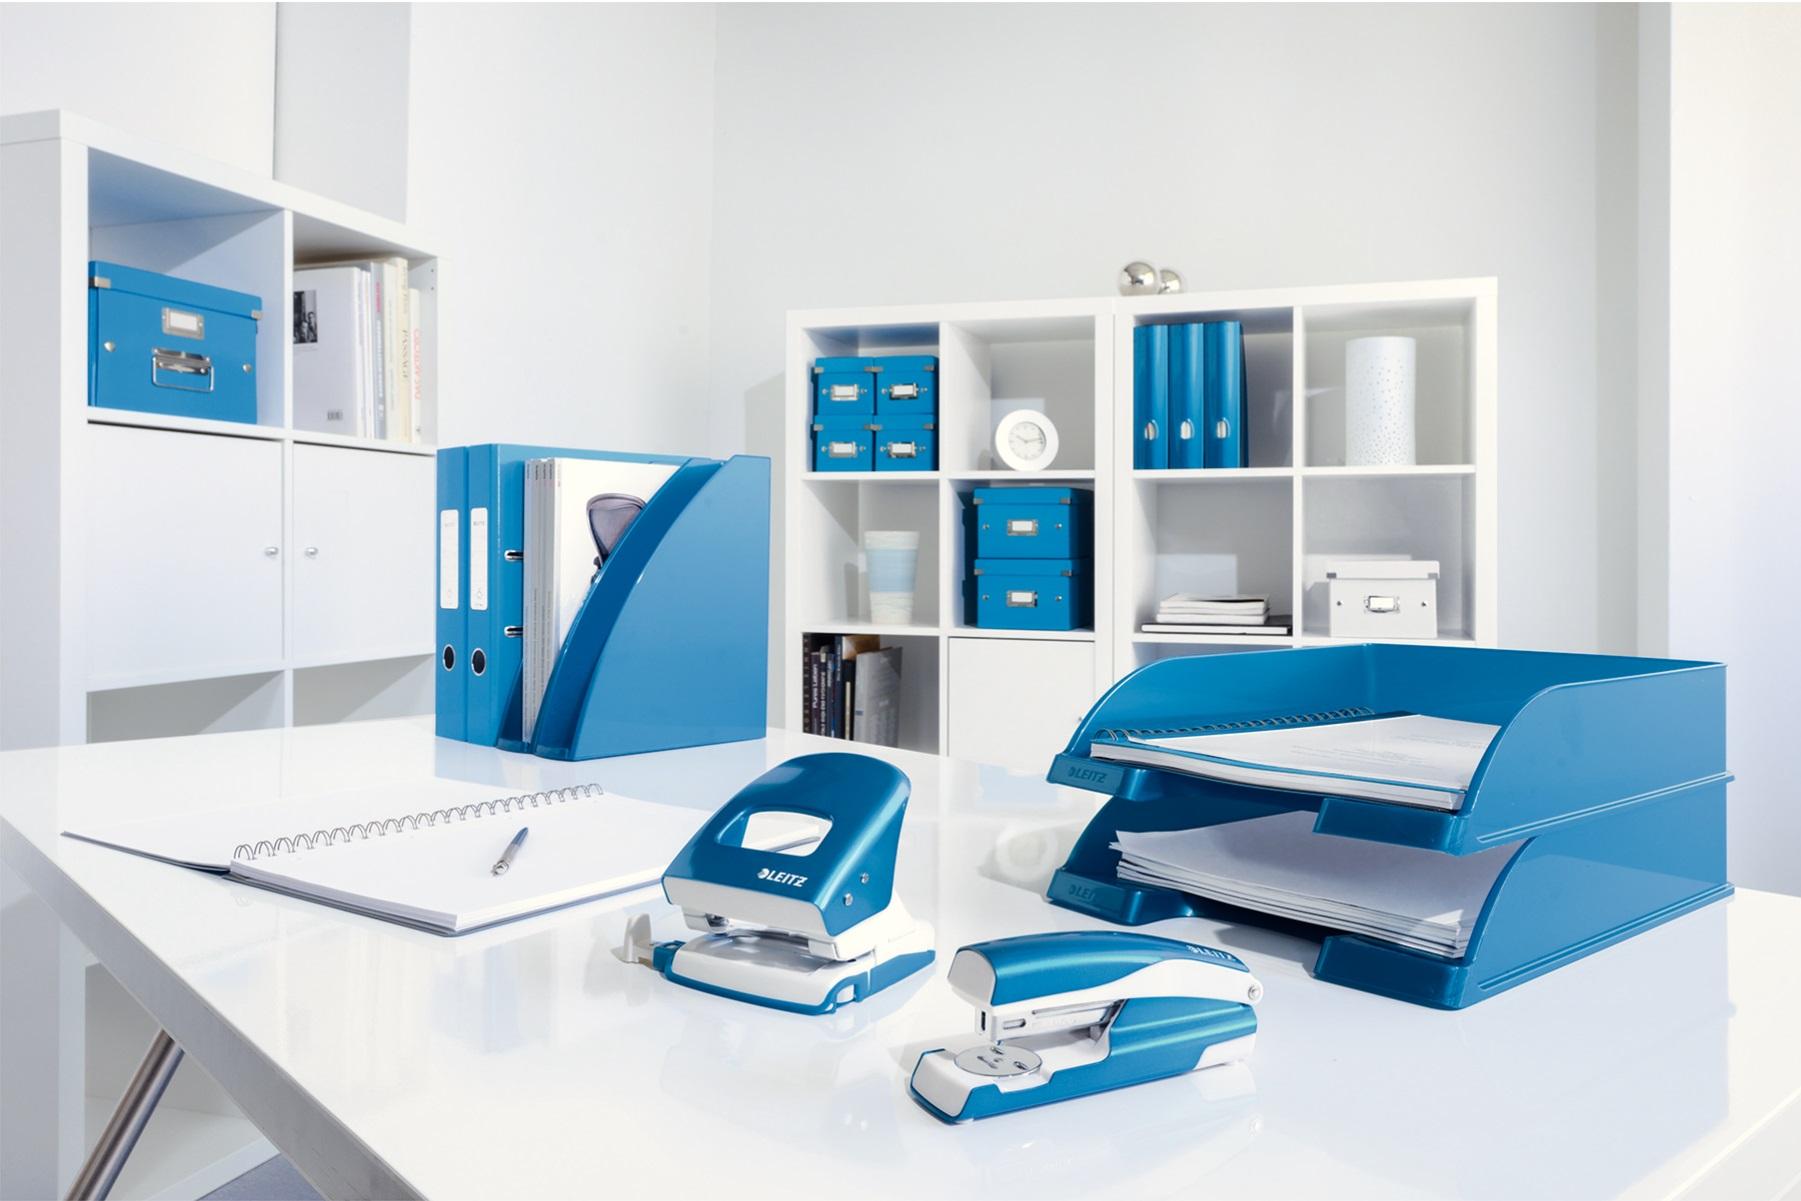 Descriere Capsator metalic de birou cu capsare plata, pentru maxim 30 coli, capse 24/6, albastru, LEITZ 5505 NeXXt Series